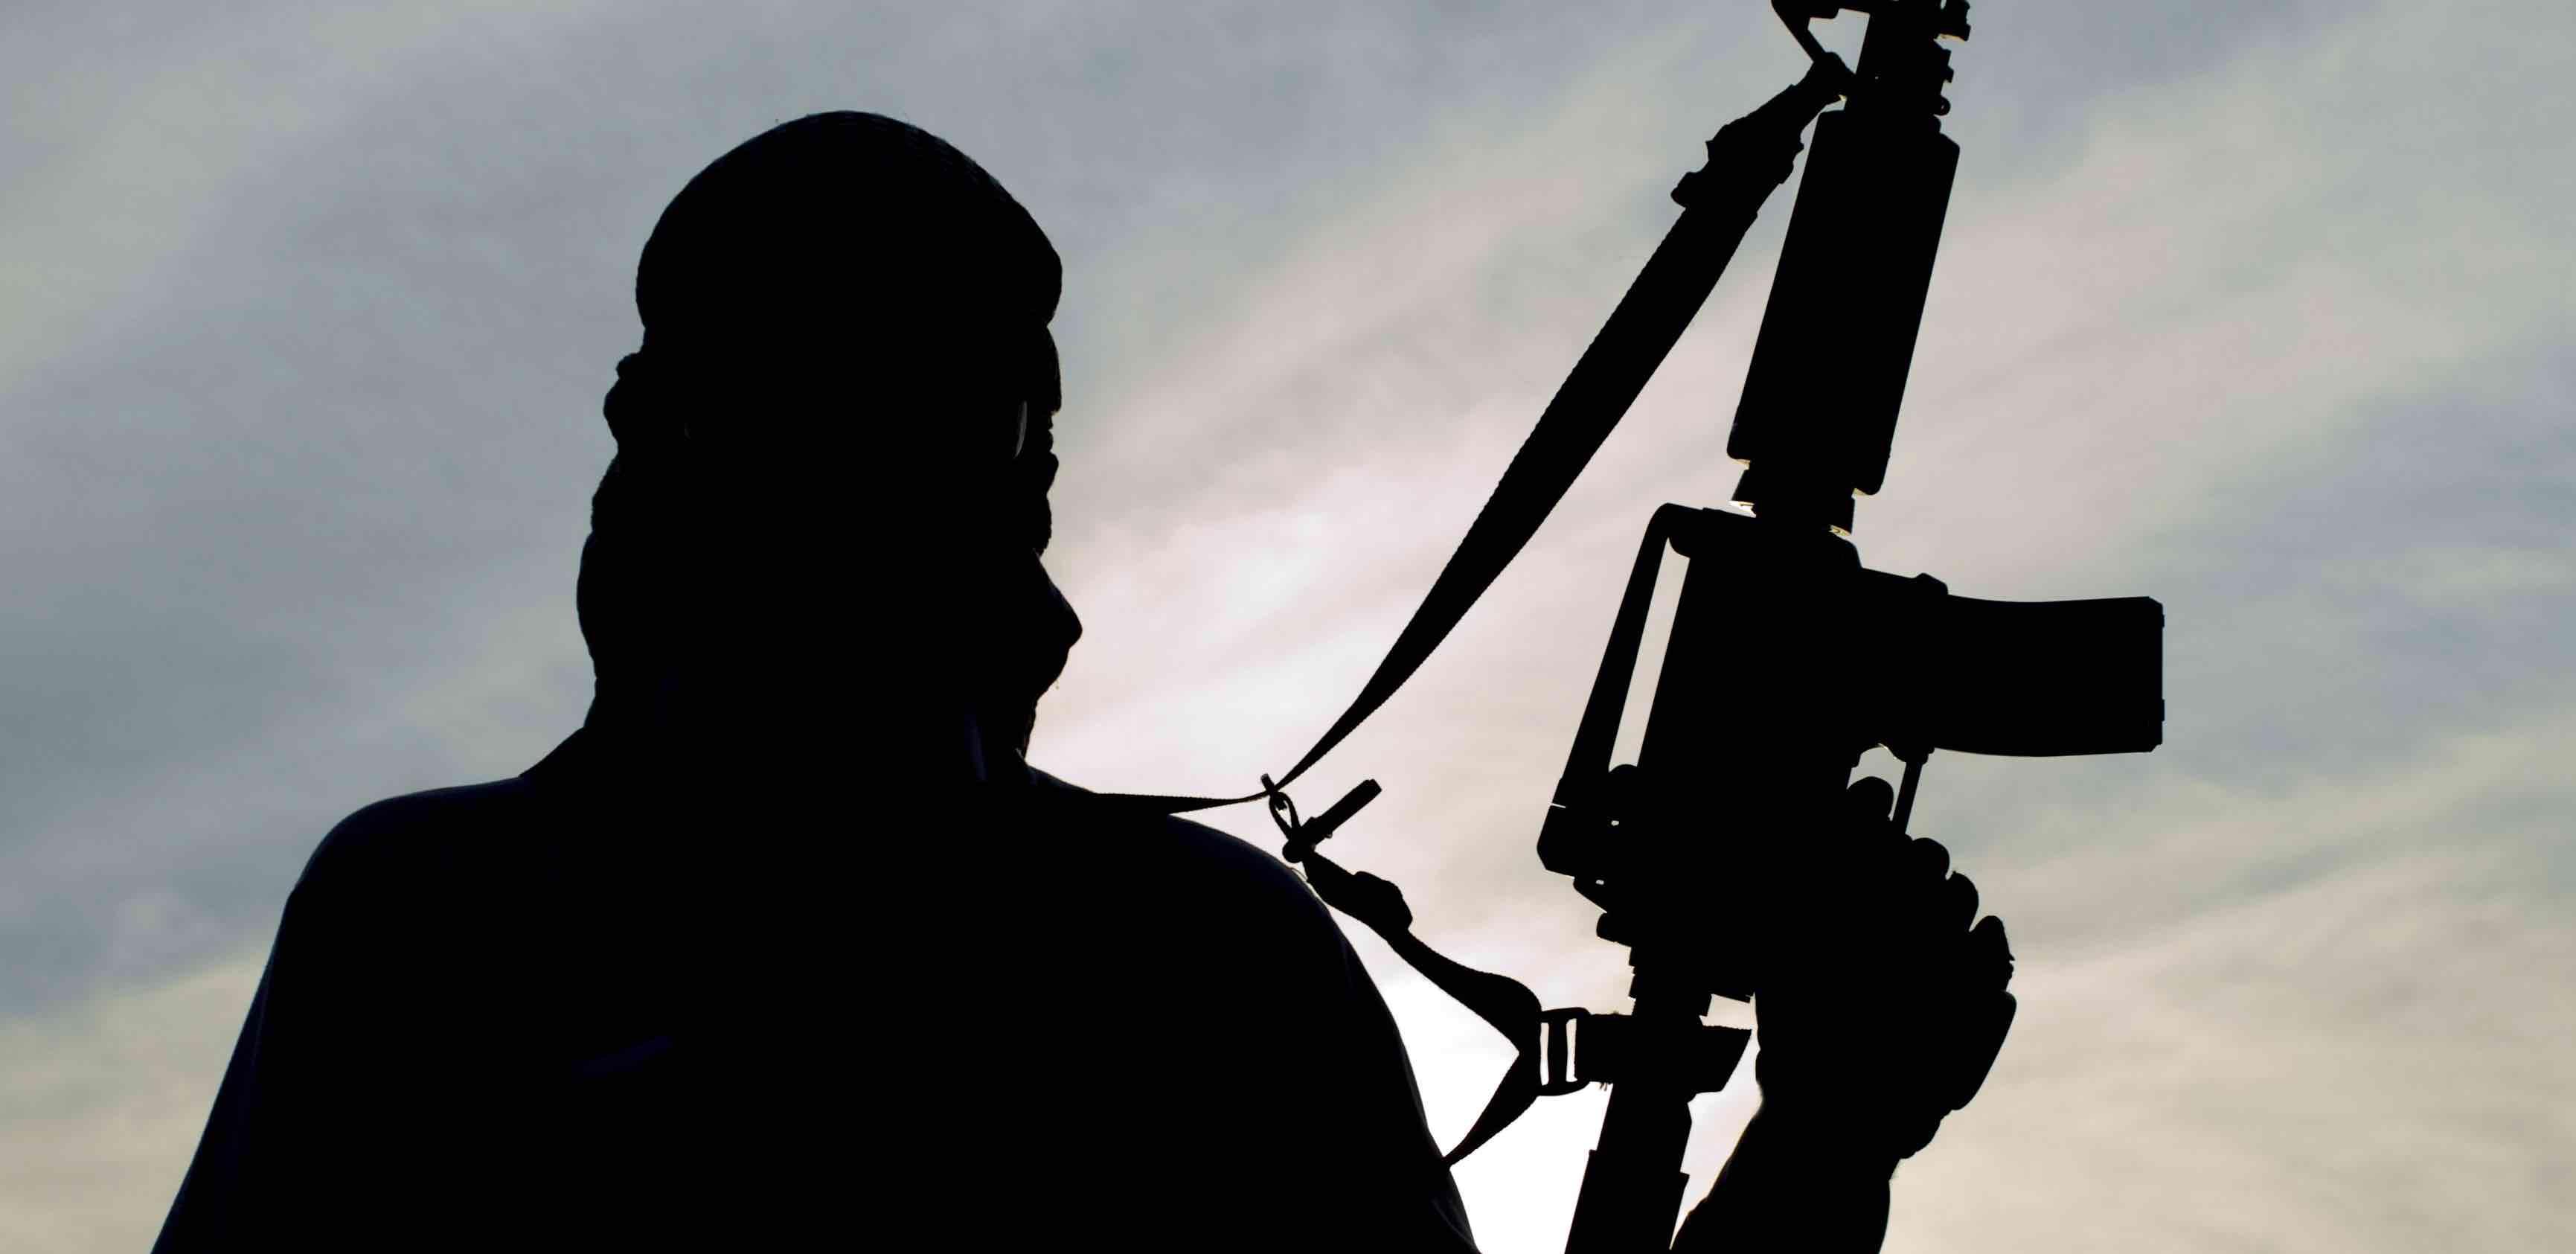 Terrorism living in fear